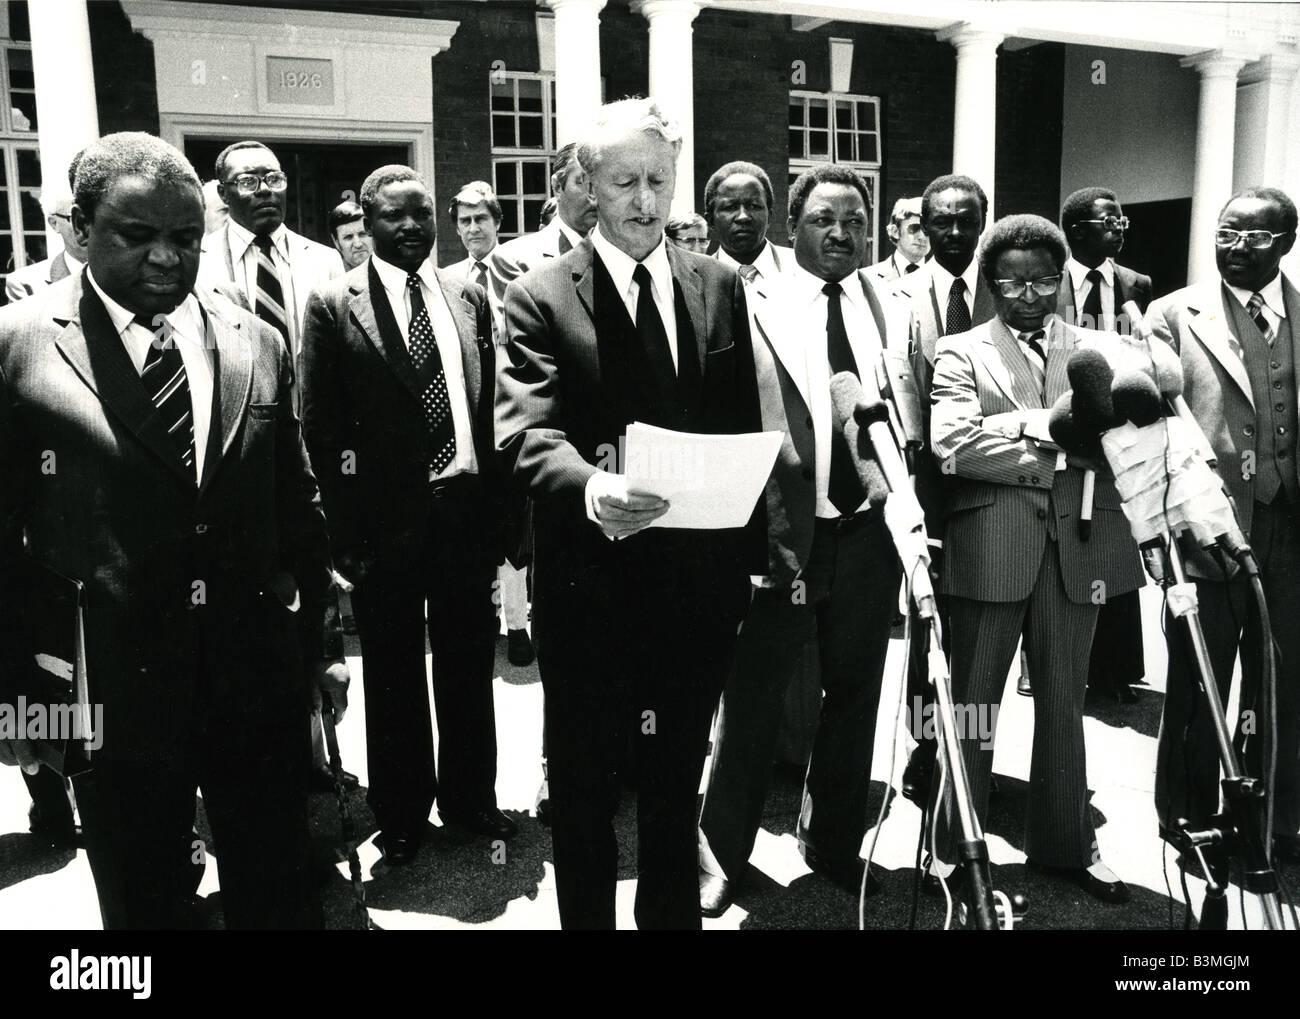 IAN SMITH annuncia una soluzione interna per la Rodesia del Sud nel 1979 Immagini Stock